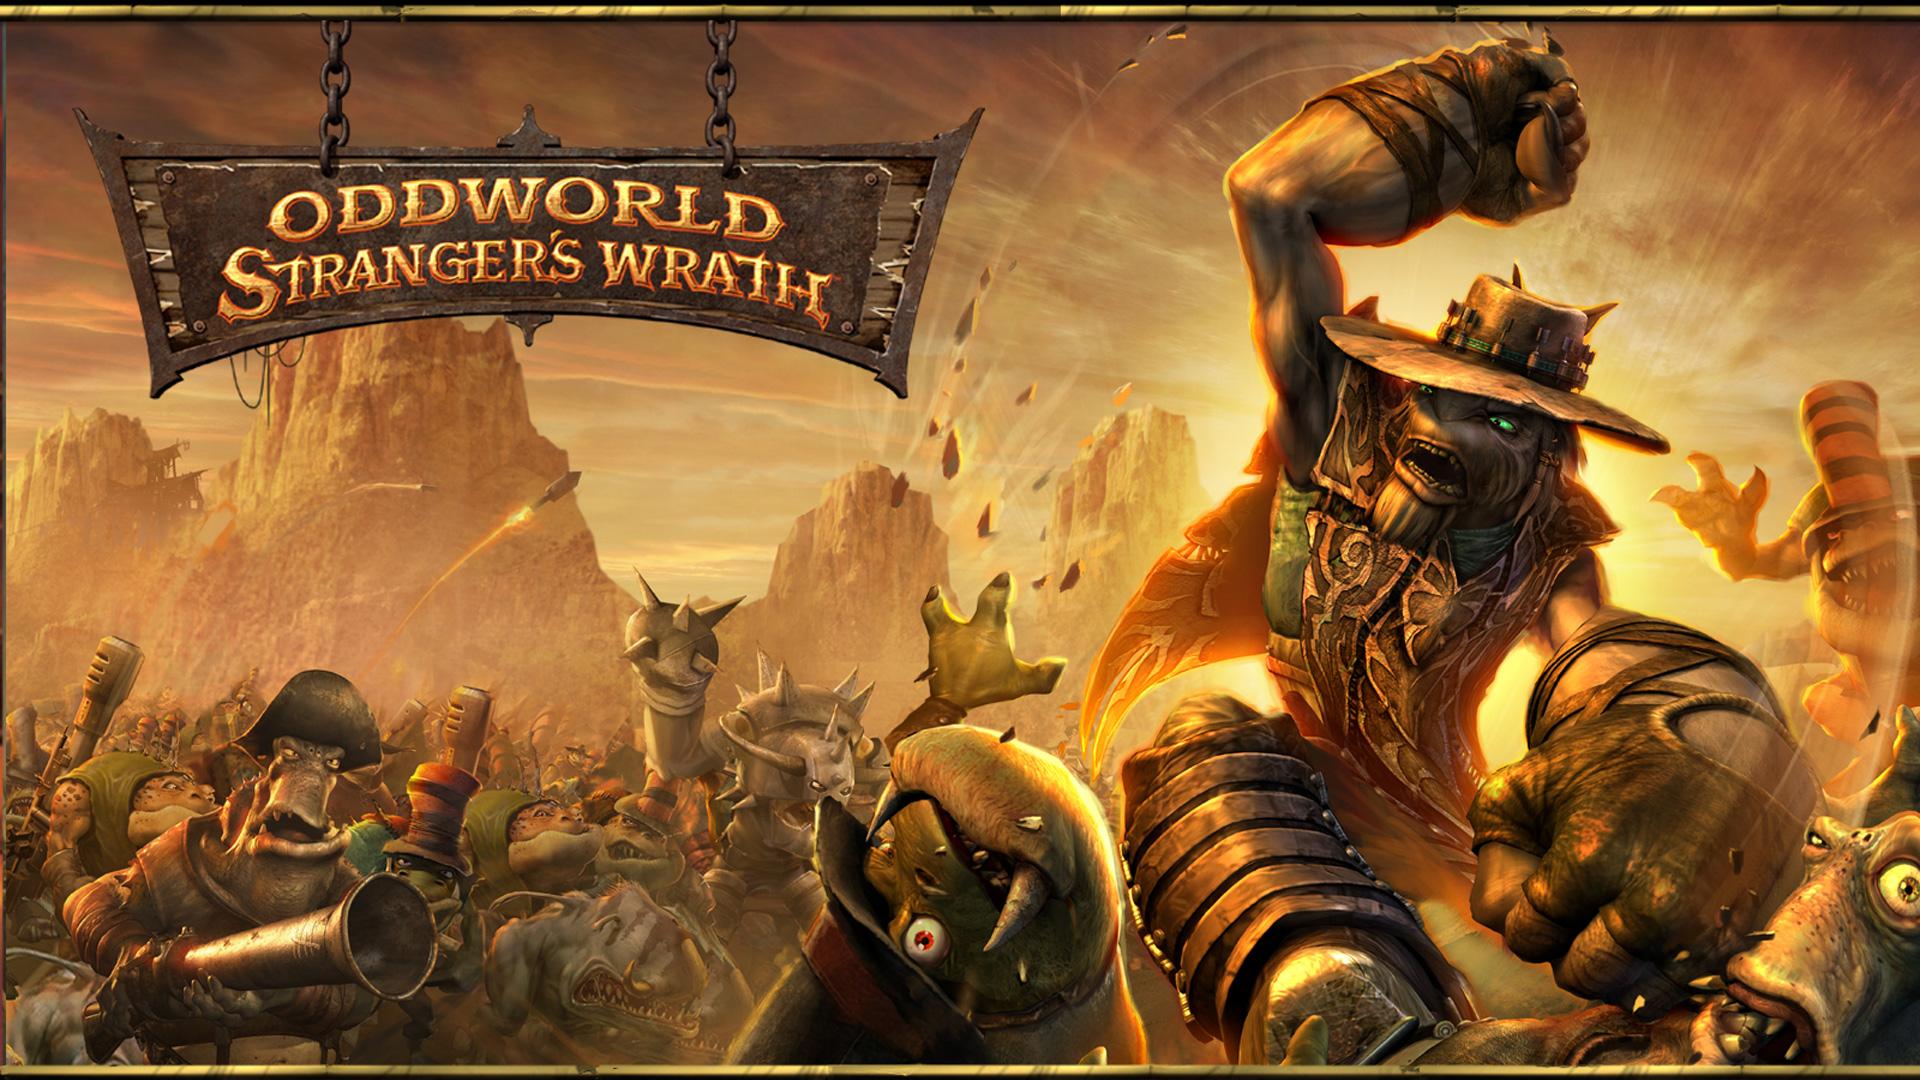 Oddworld: Stranger's Wrath Wallpaper in 1920x1080